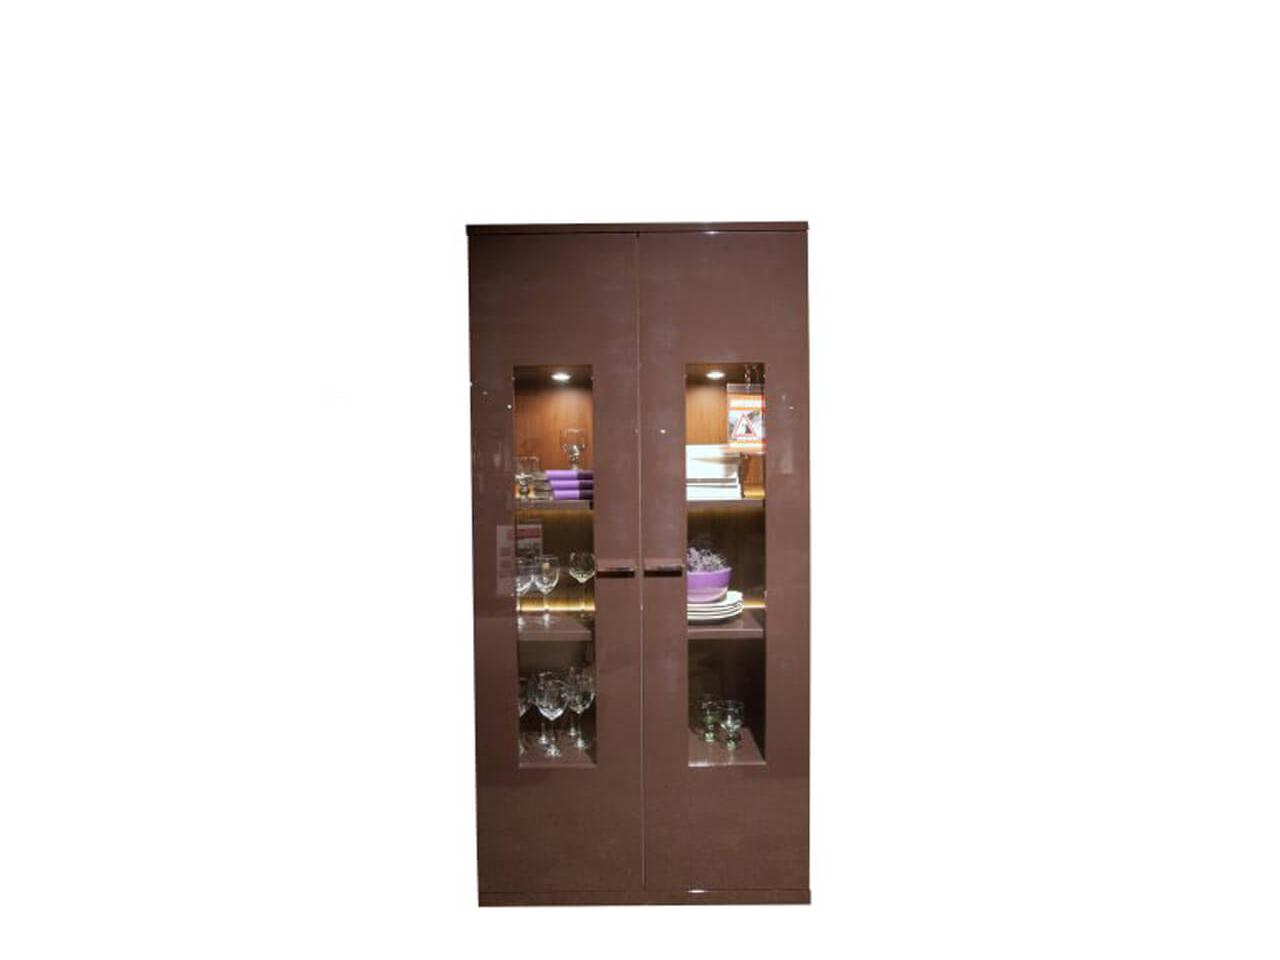 Vitrine Finale in braun Hochglanz mit zwei Türen - zum Schnäppchenpreis im Abverkauf